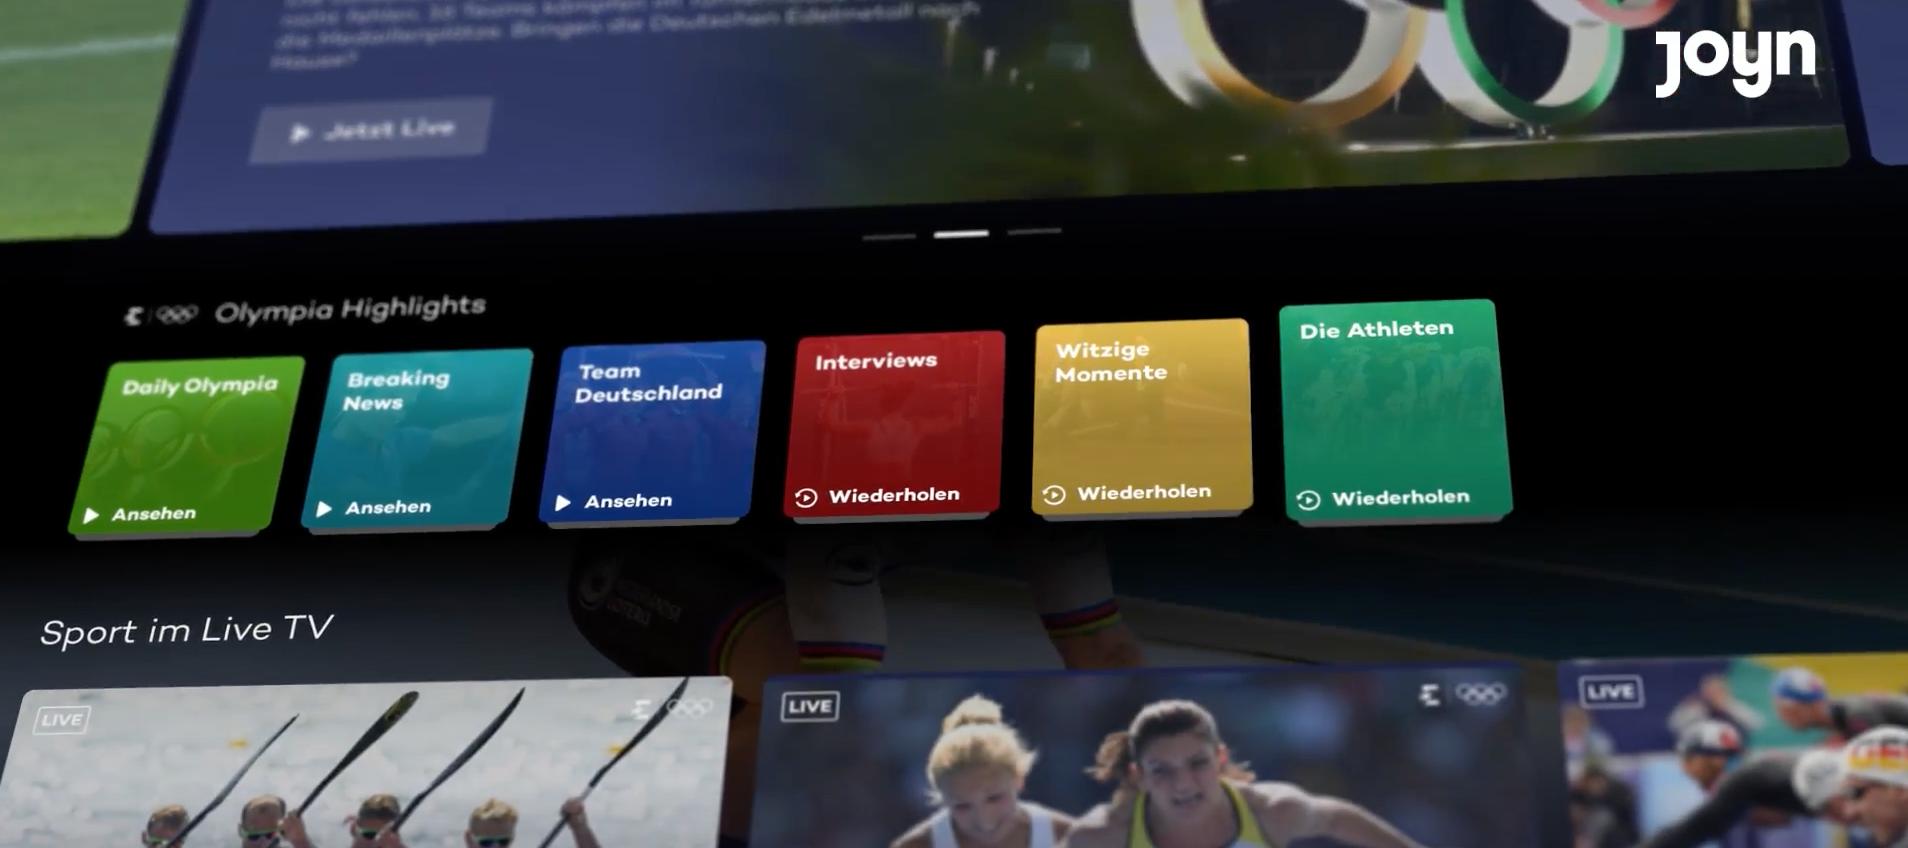 Die Olympischen Spiele Tokyo 2020 bei Eurosport auf Joyn personalisieren